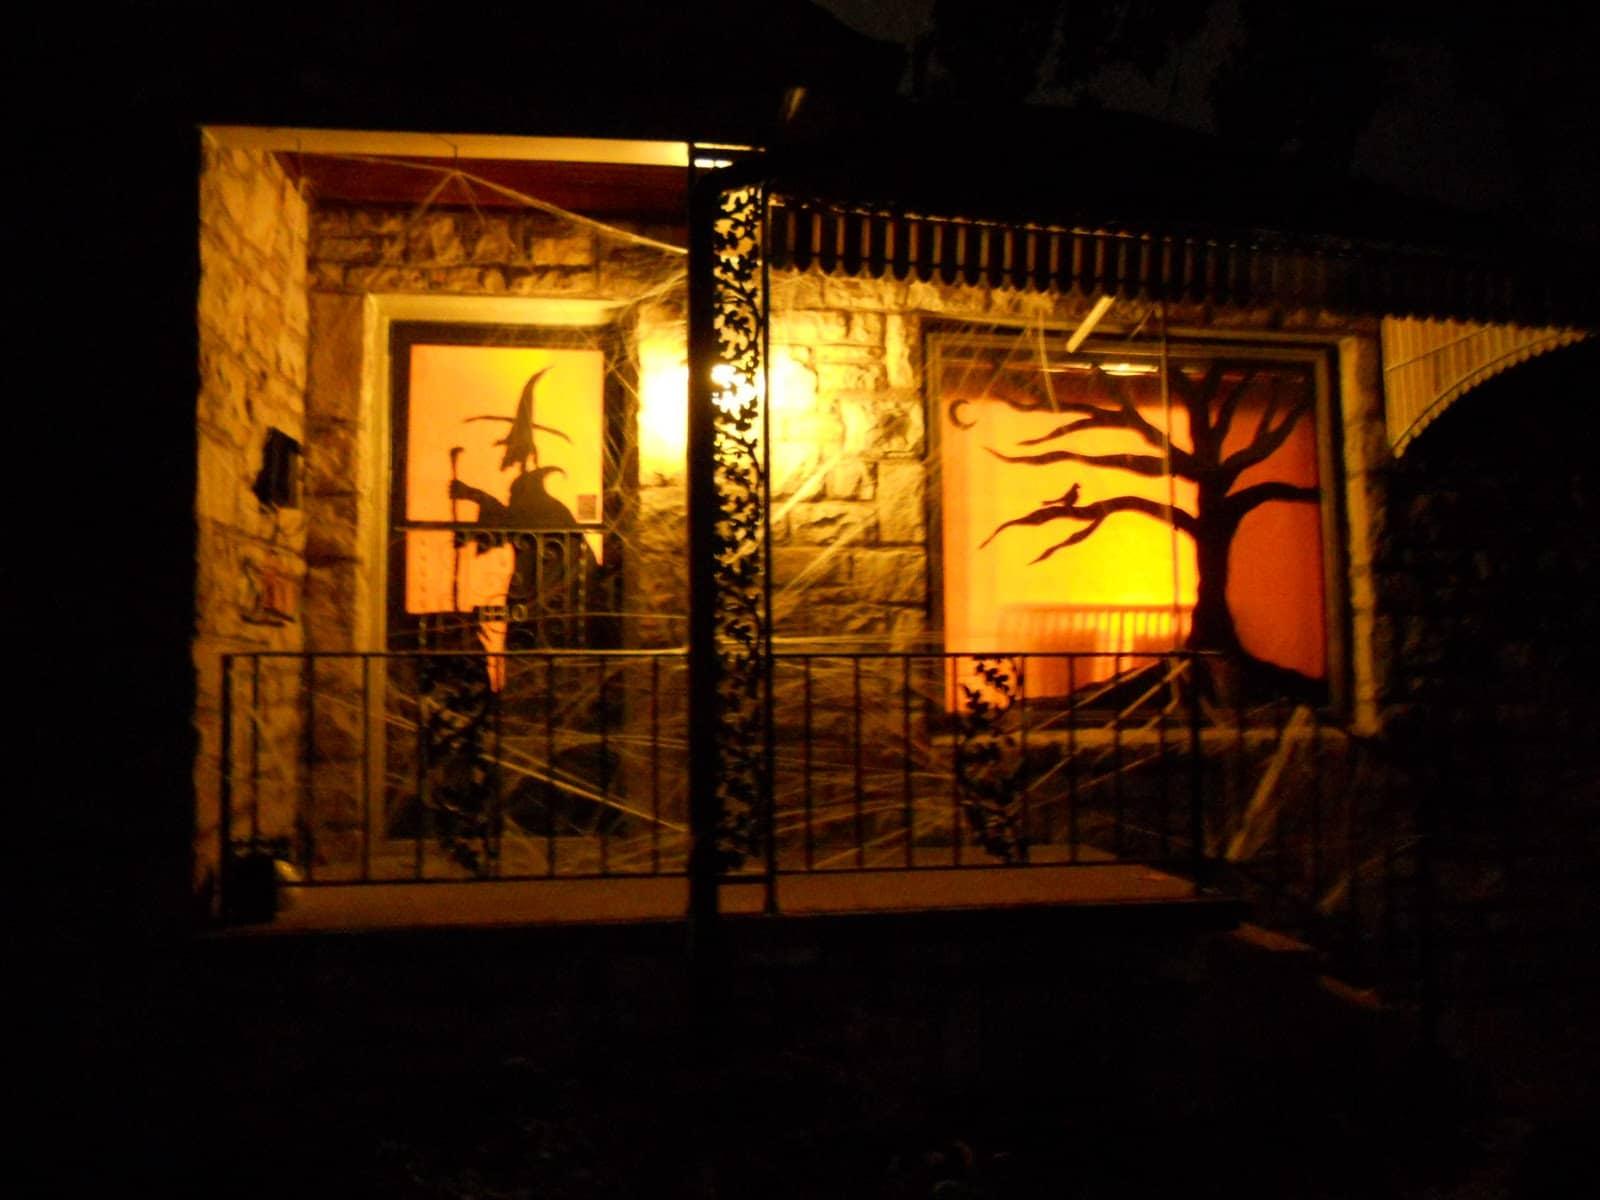 25 id es de d coration pour halloween nos conseils et astuces for Decoration fenetre exterieure